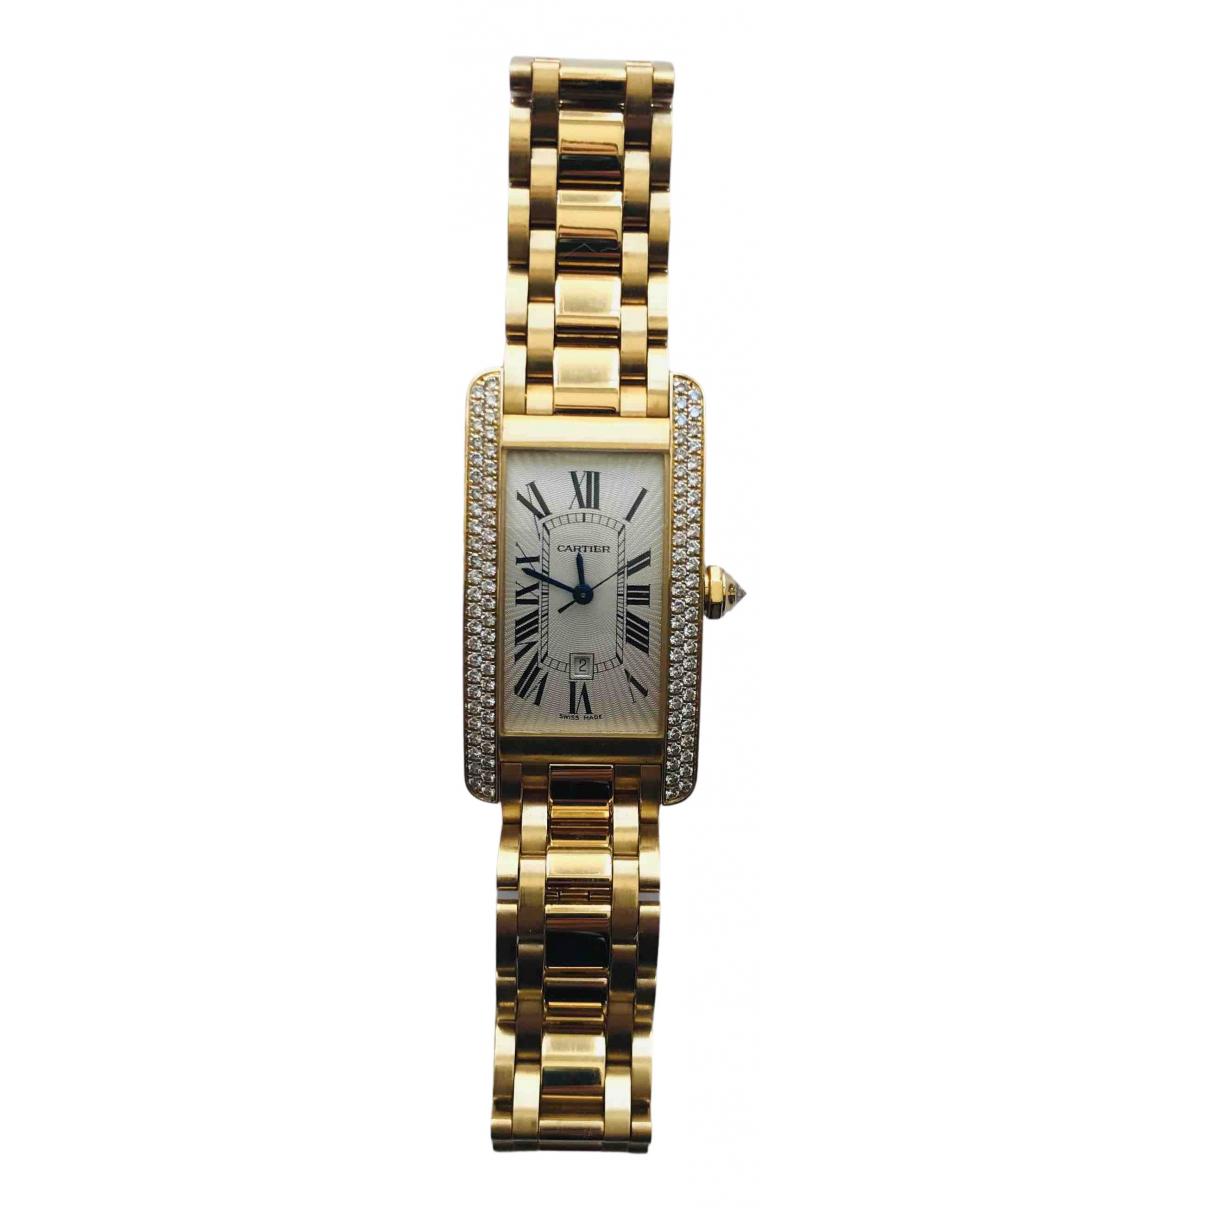 Cartier - Montre Tank Americaine pour femme en or jaune - dore